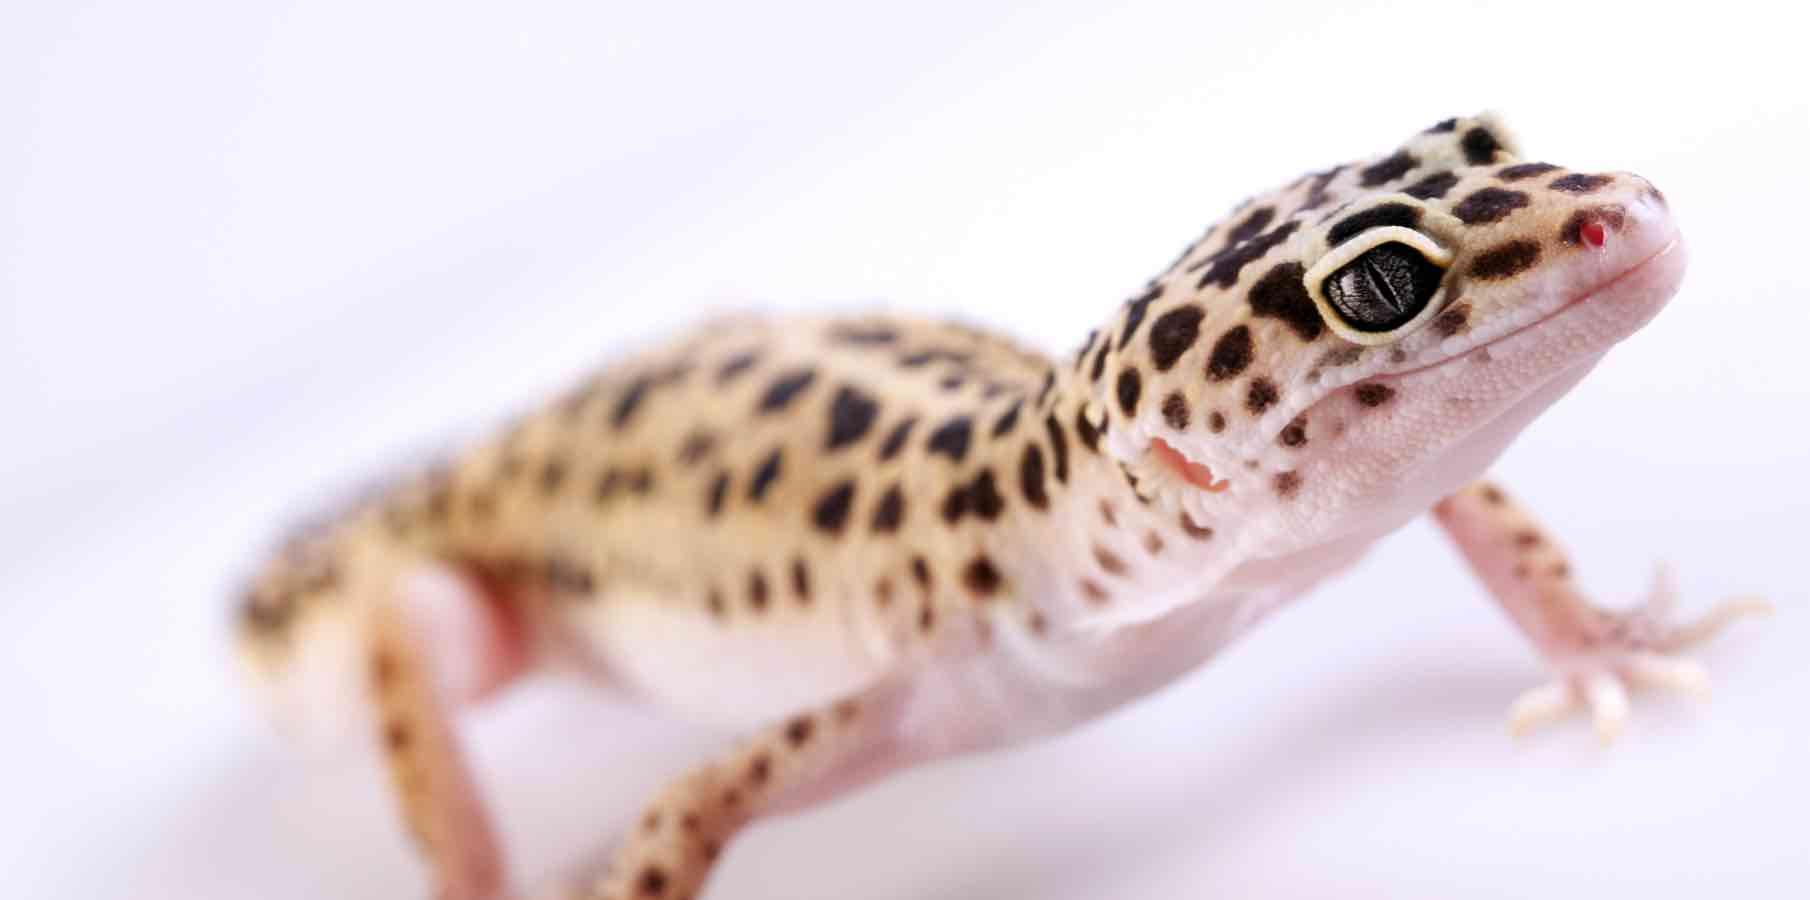 Closeup of gecko. studio shots